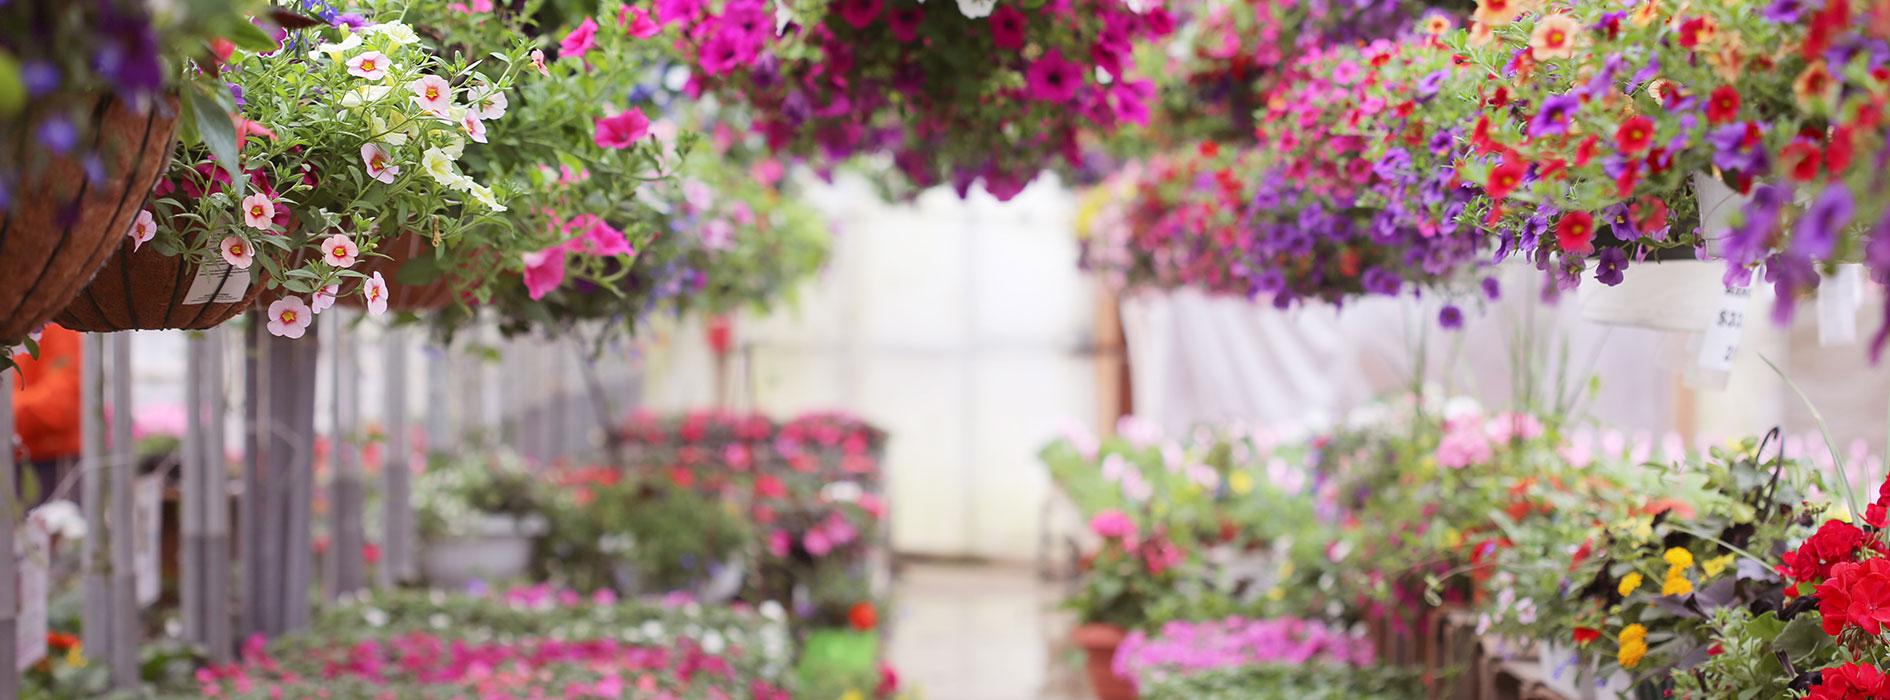 Garden-Centre_Heidis-GrowHaus-Lifestyle-Gardens4